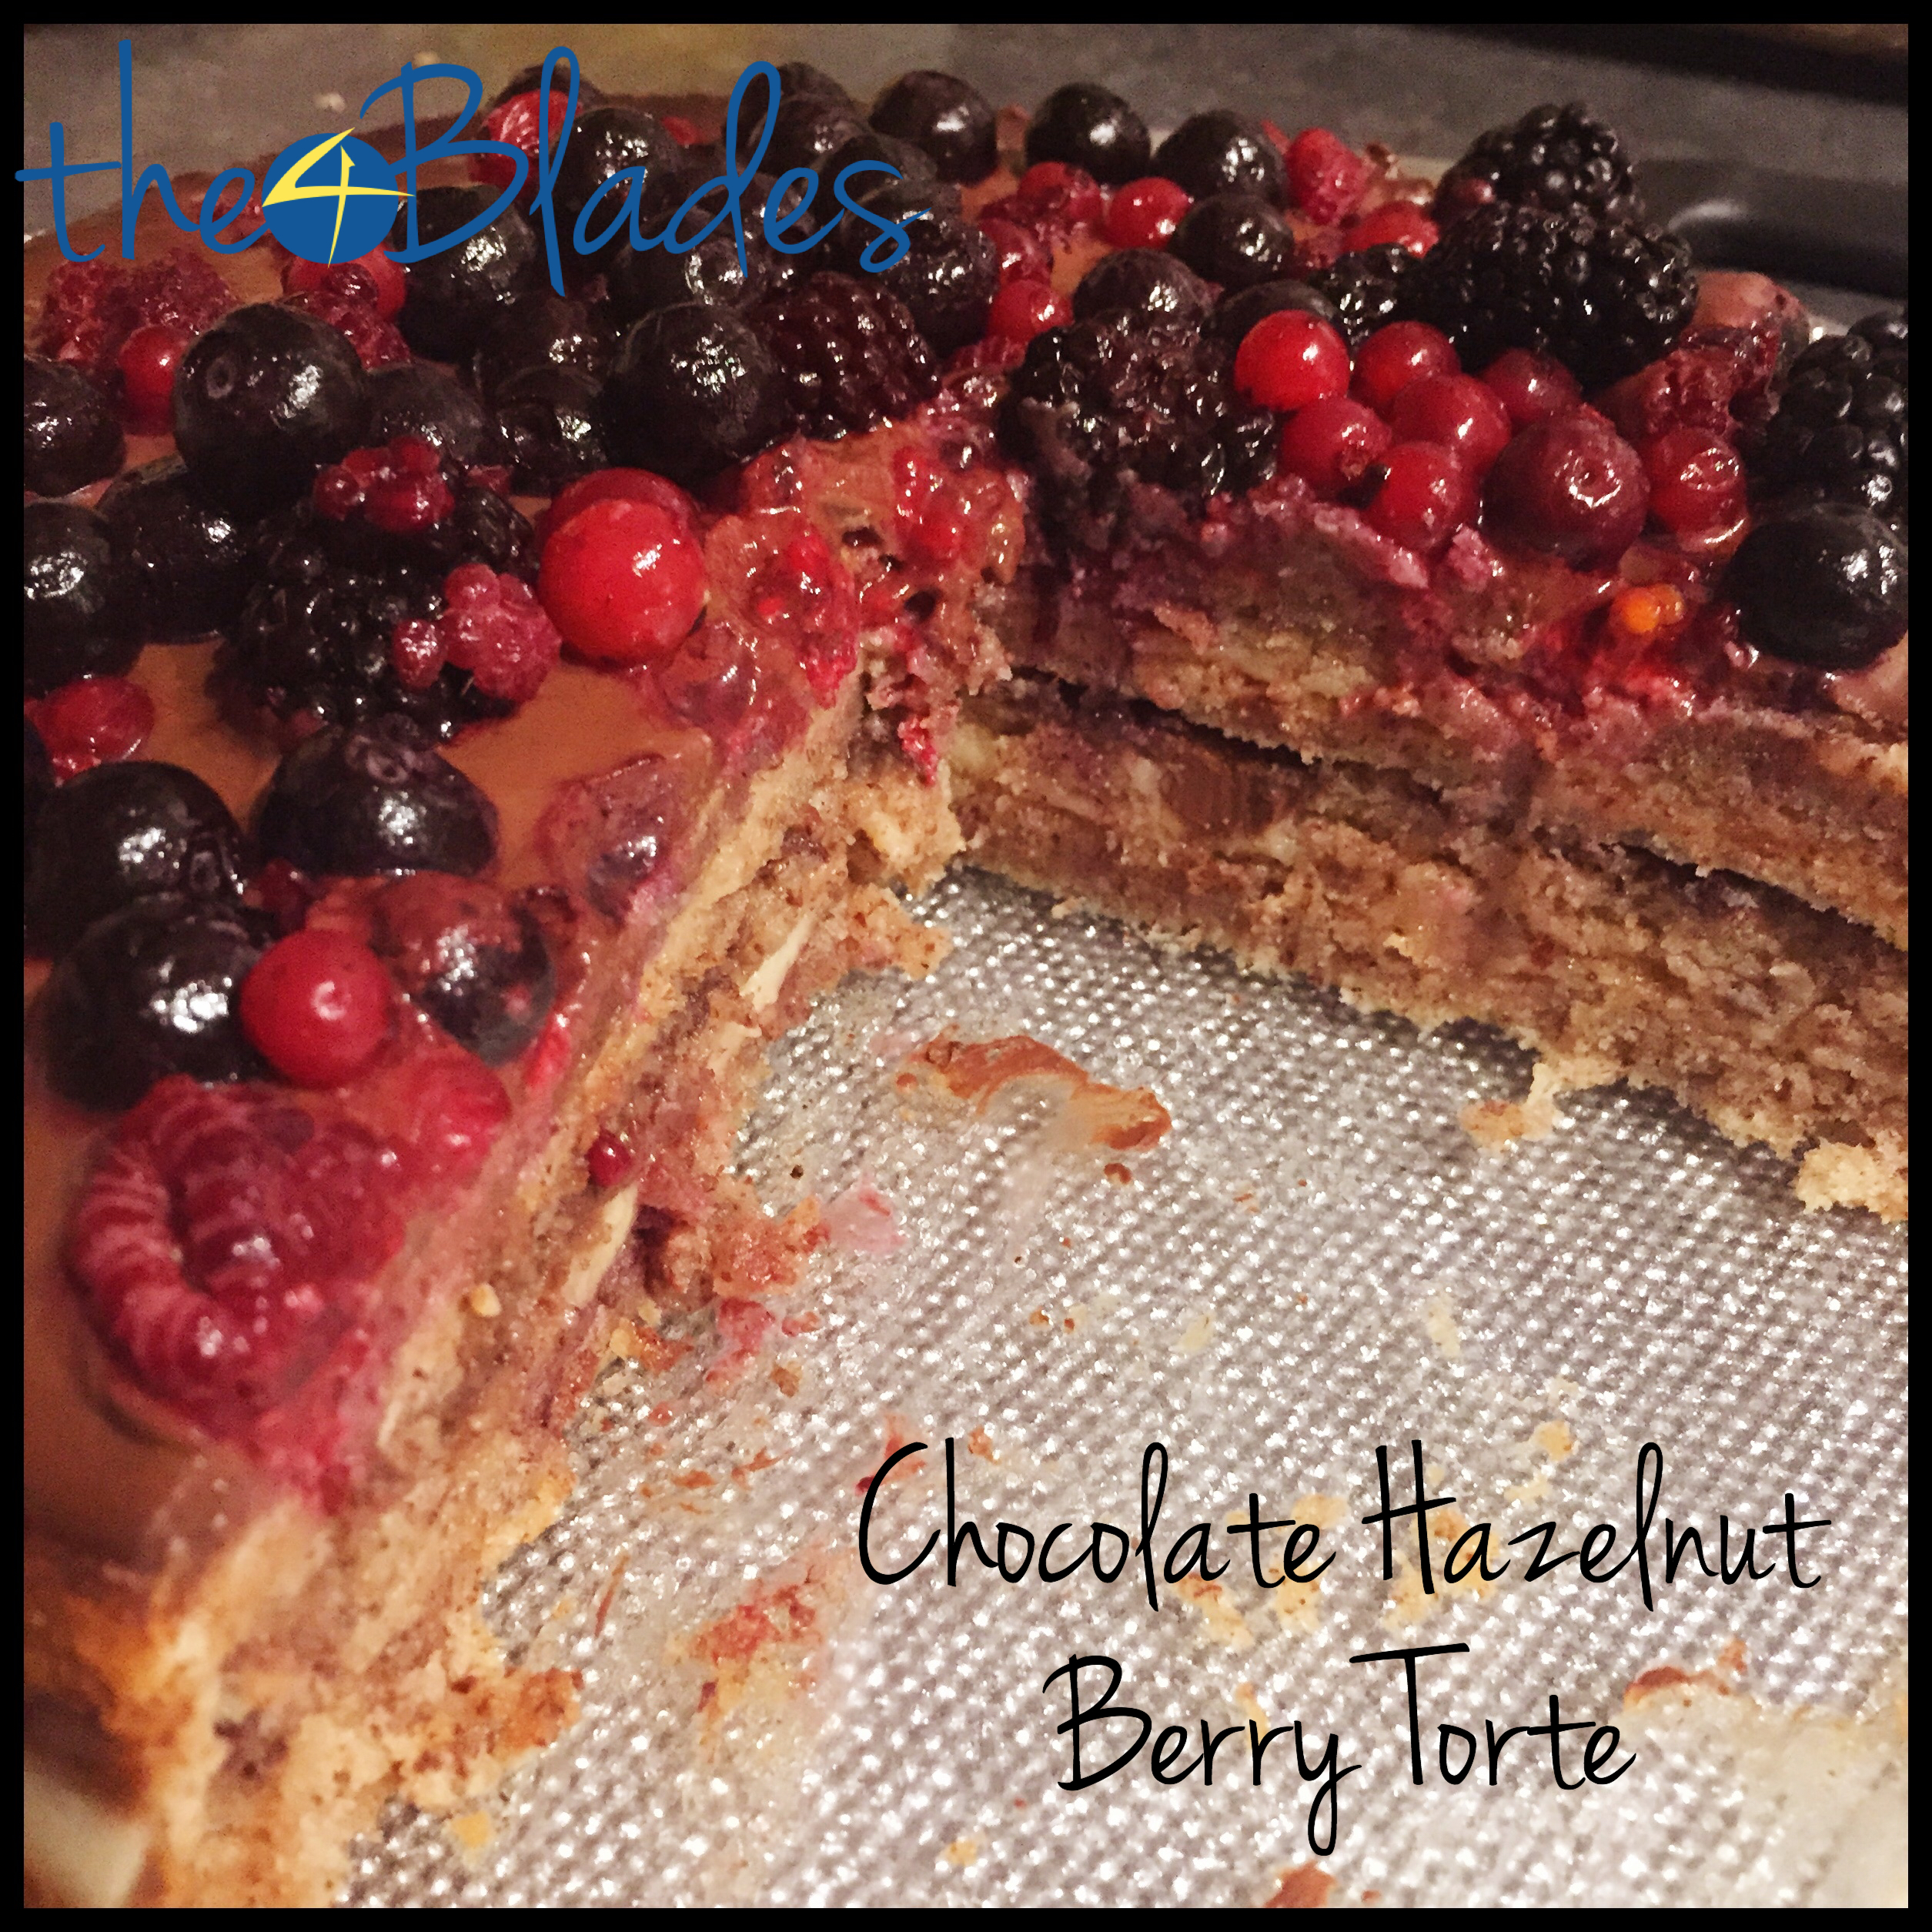 Chocolate Berry Hazelnut Torte Thermomix